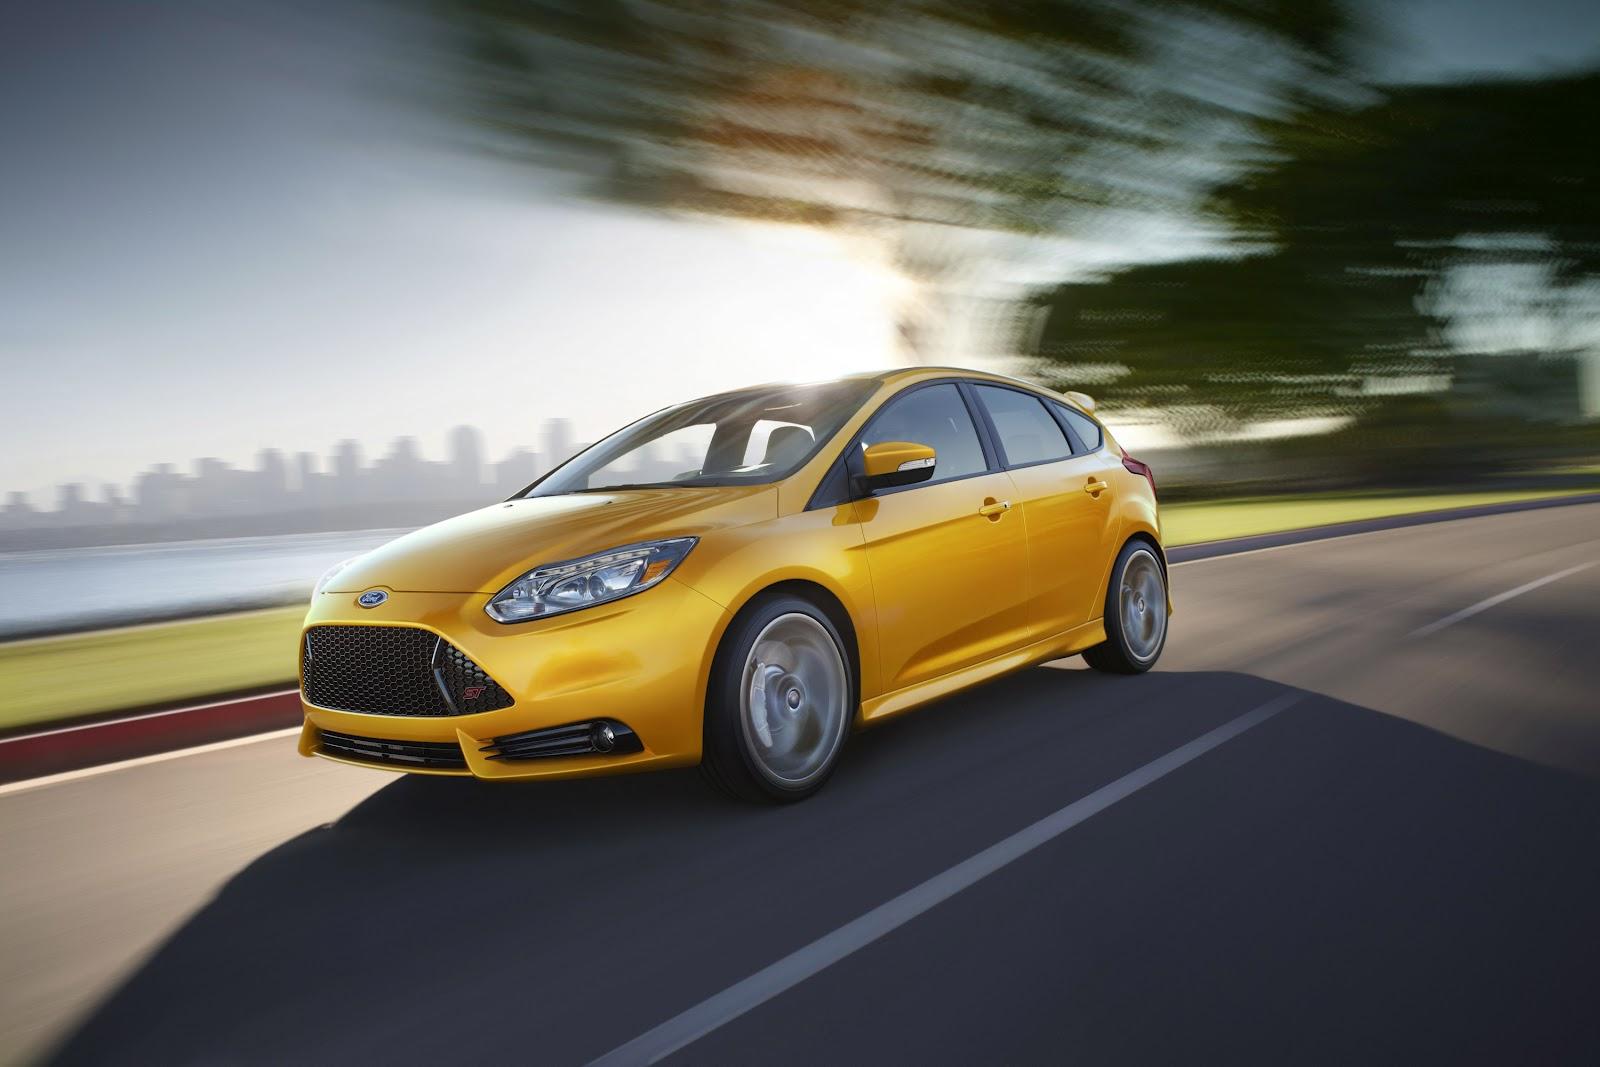 http://4.bp.blogspot.com/-44u0gIcpim8/T6AOgqrTCFI/AAAAAAAAQfk/u6PoDj5SHWs/s1600/Ford+Focus+ST.jpg